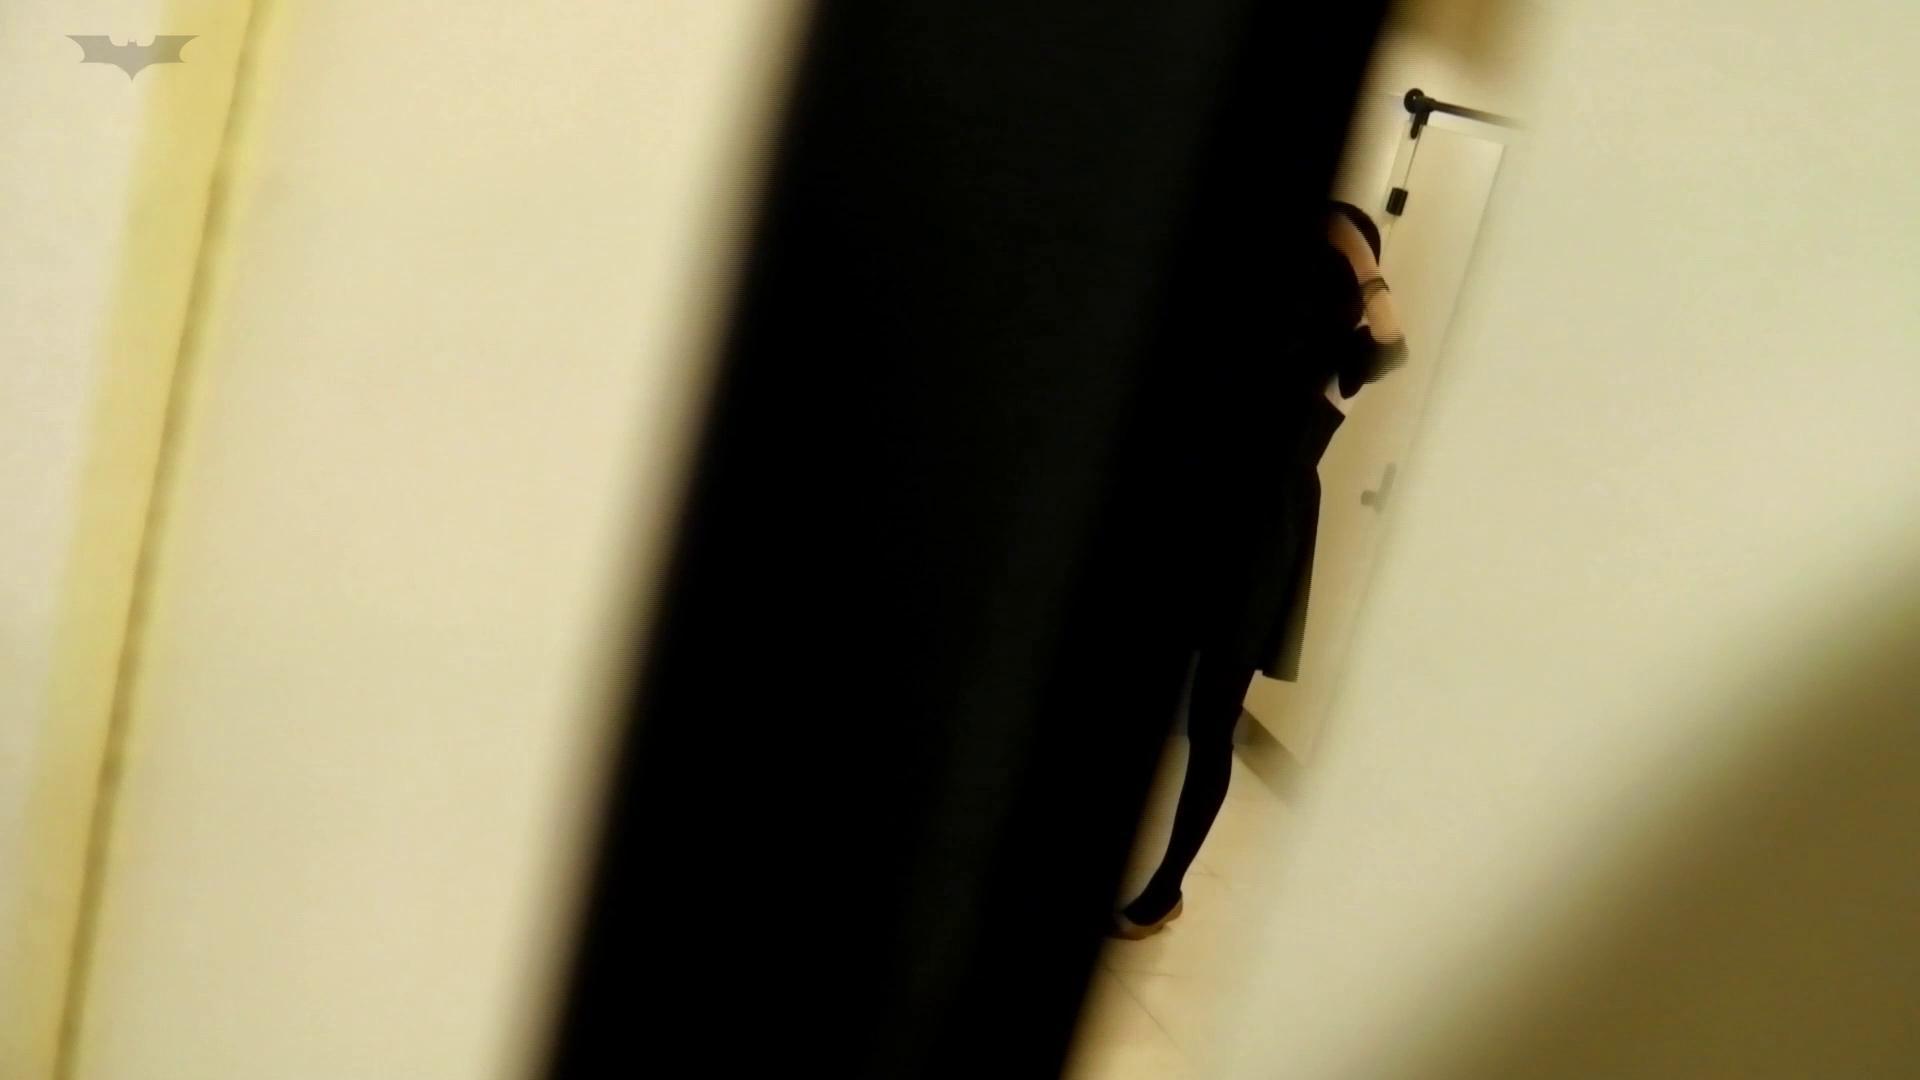 新世界の射窓 No78 トリンドル 玲奈似登場シリーズ美女率最高作! 高画質動画 ワレメ無修正動画無料 19画像 16